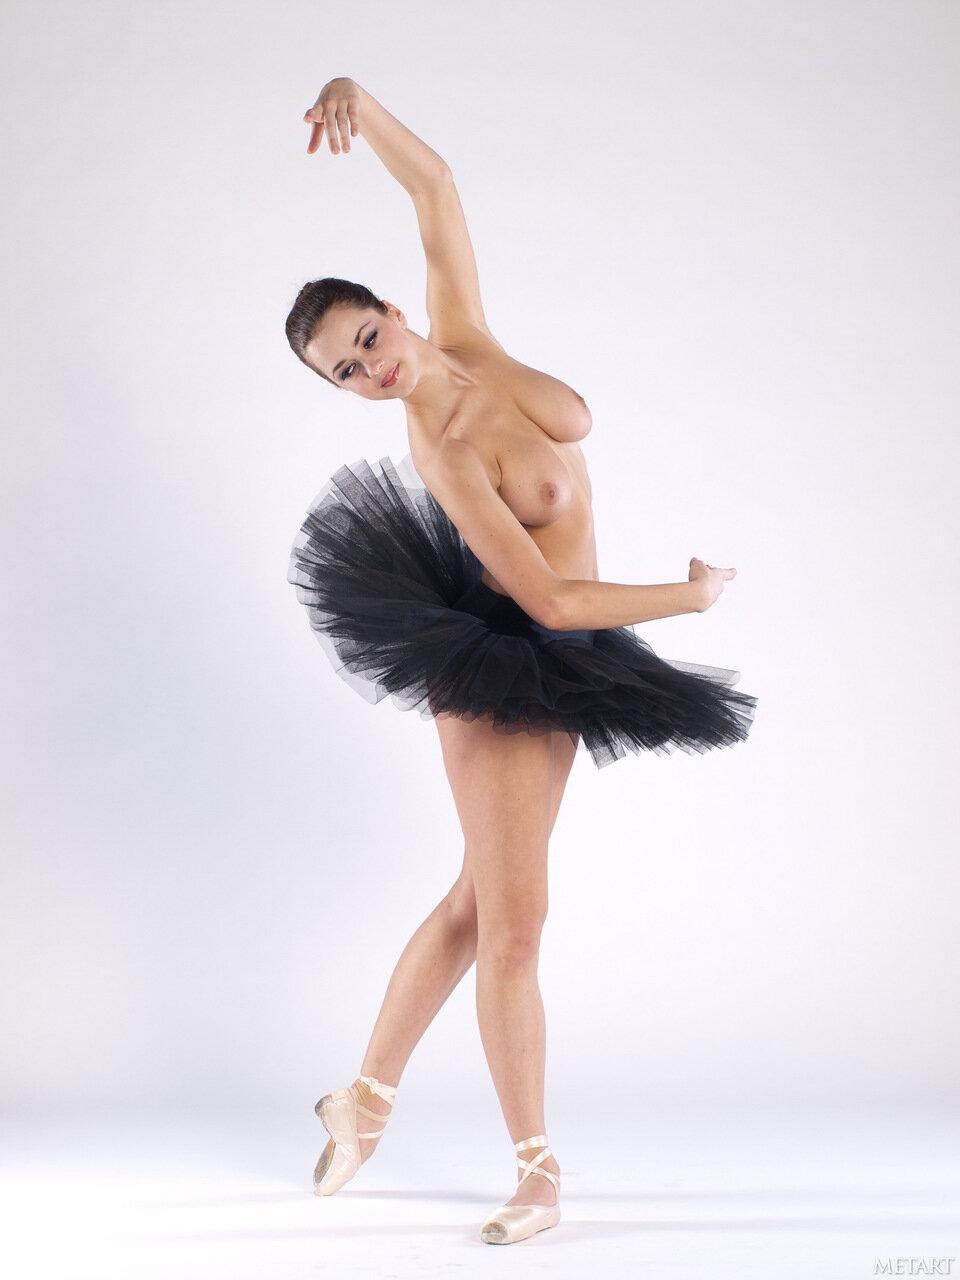 Откровенная фотосессия начинающей балерины